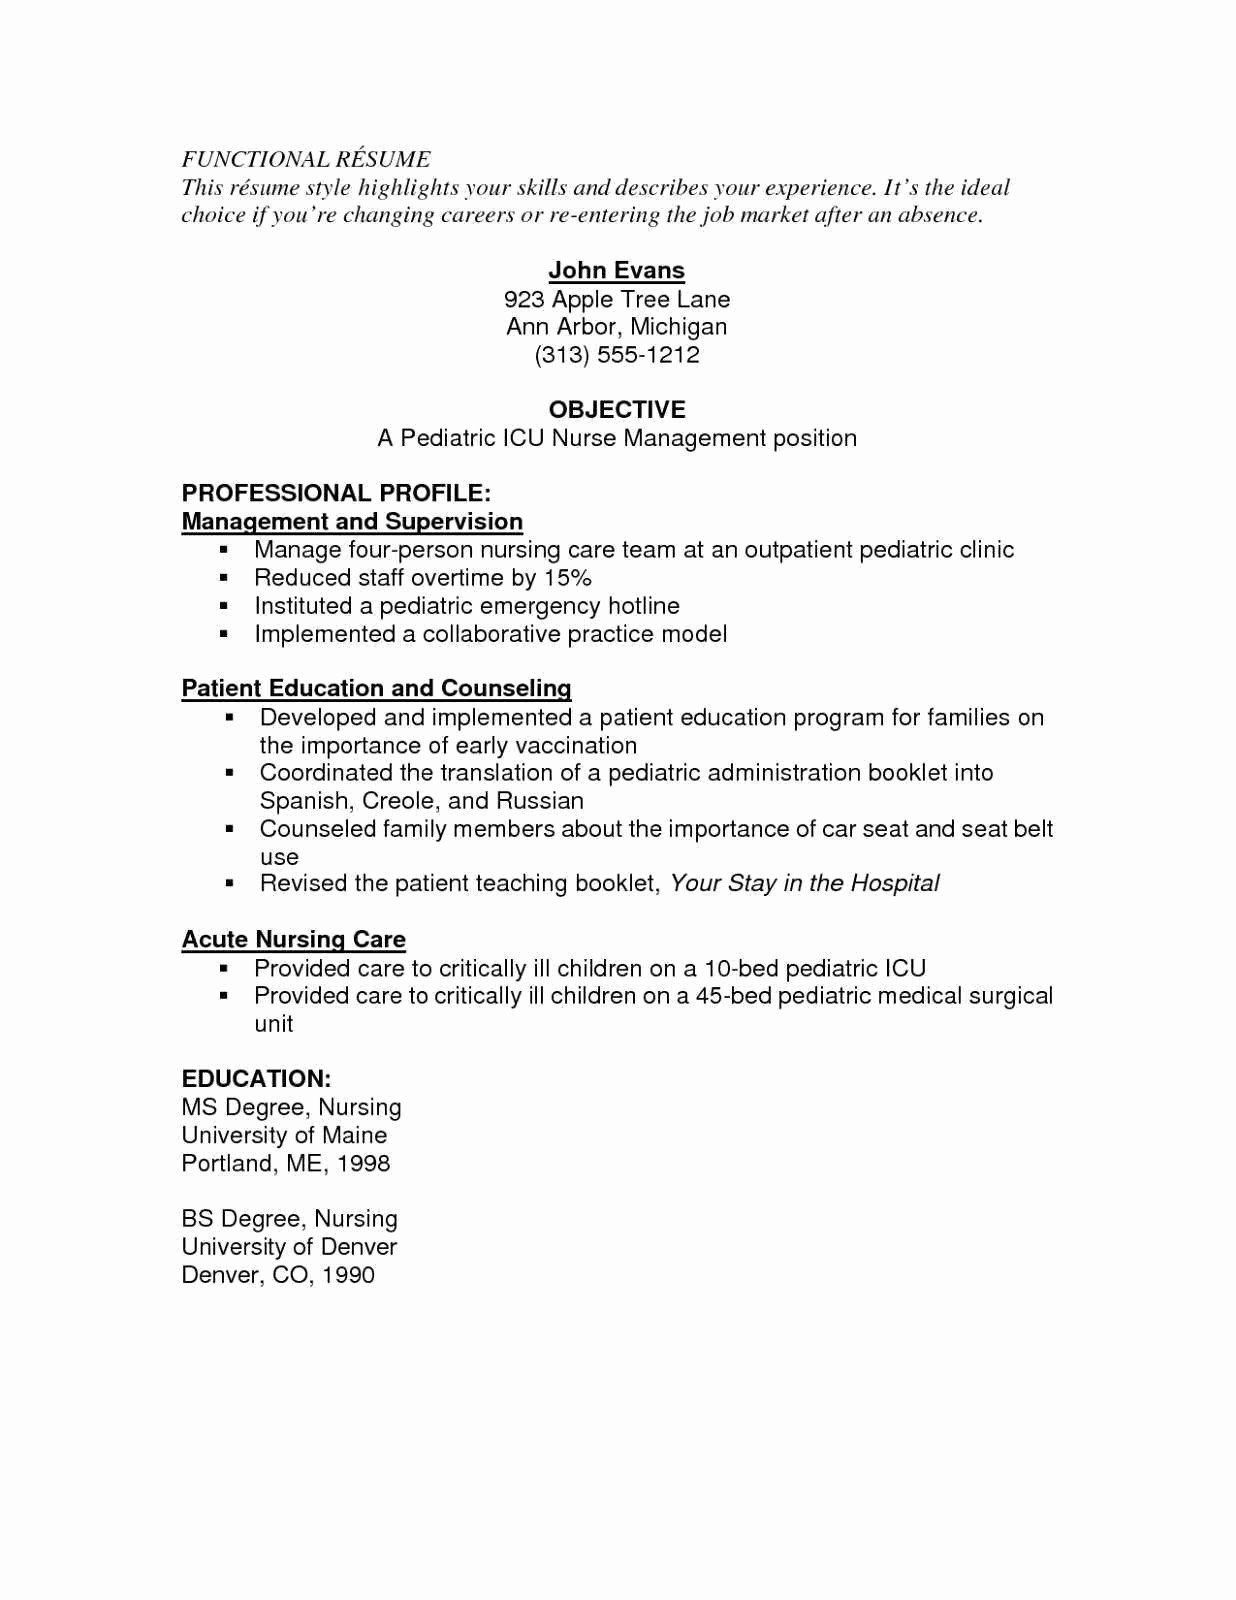 Nursing Skills for Resume Beautiful Rn Resume Skills New